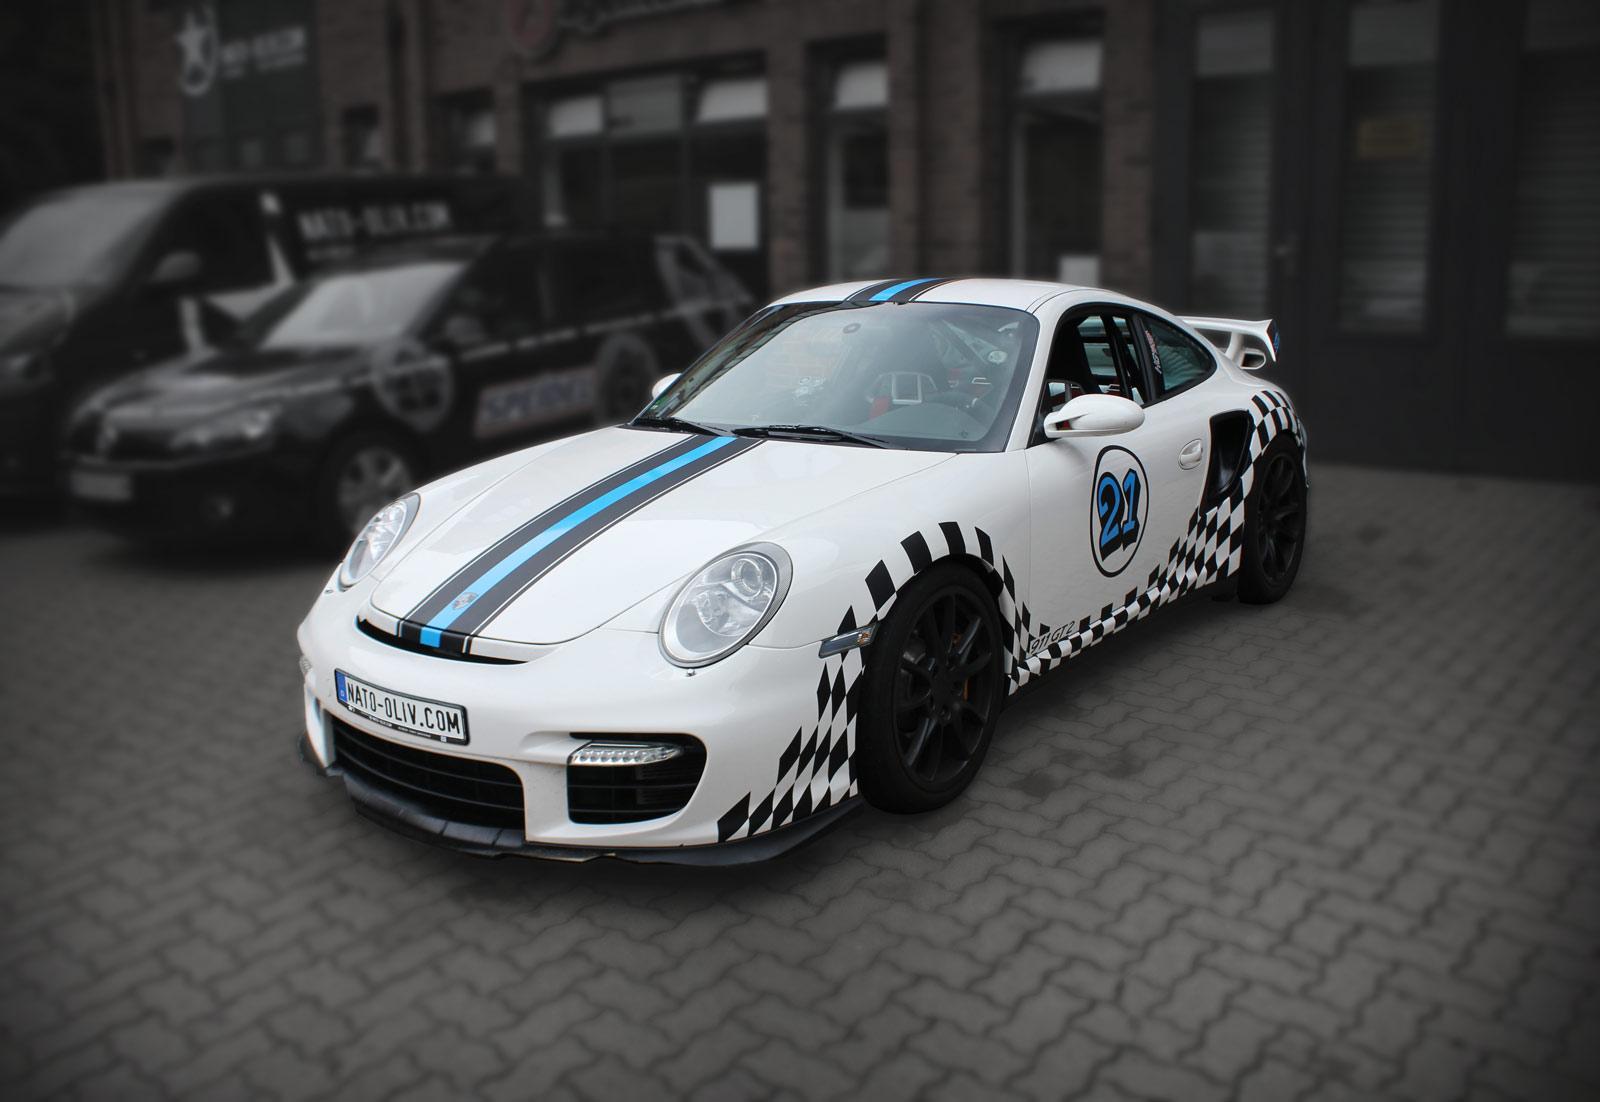 Porsche GT2 mit schwarz/blauem Rallyestreifen und Racing-Flaggen Design.